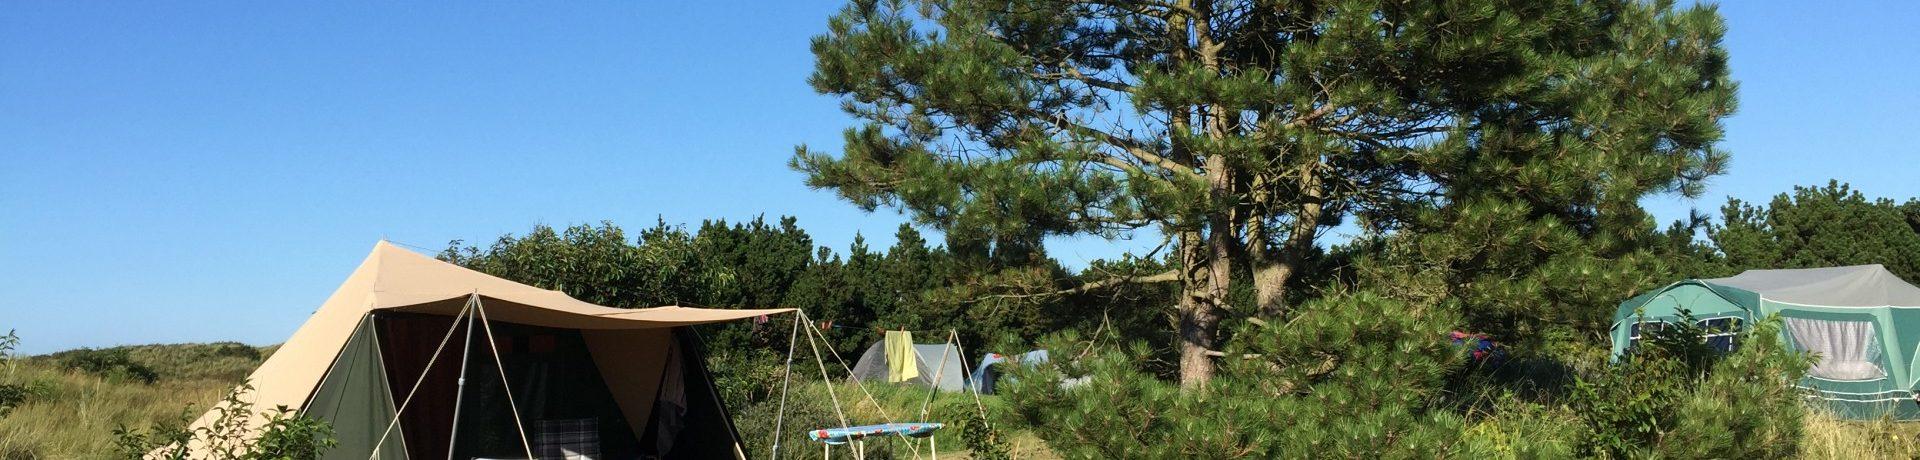 Laat je verassen door de natuur! Camping Duinoord is een camping direct aan het strand en gelegen in de duinen van het waddeneiland Ameland.